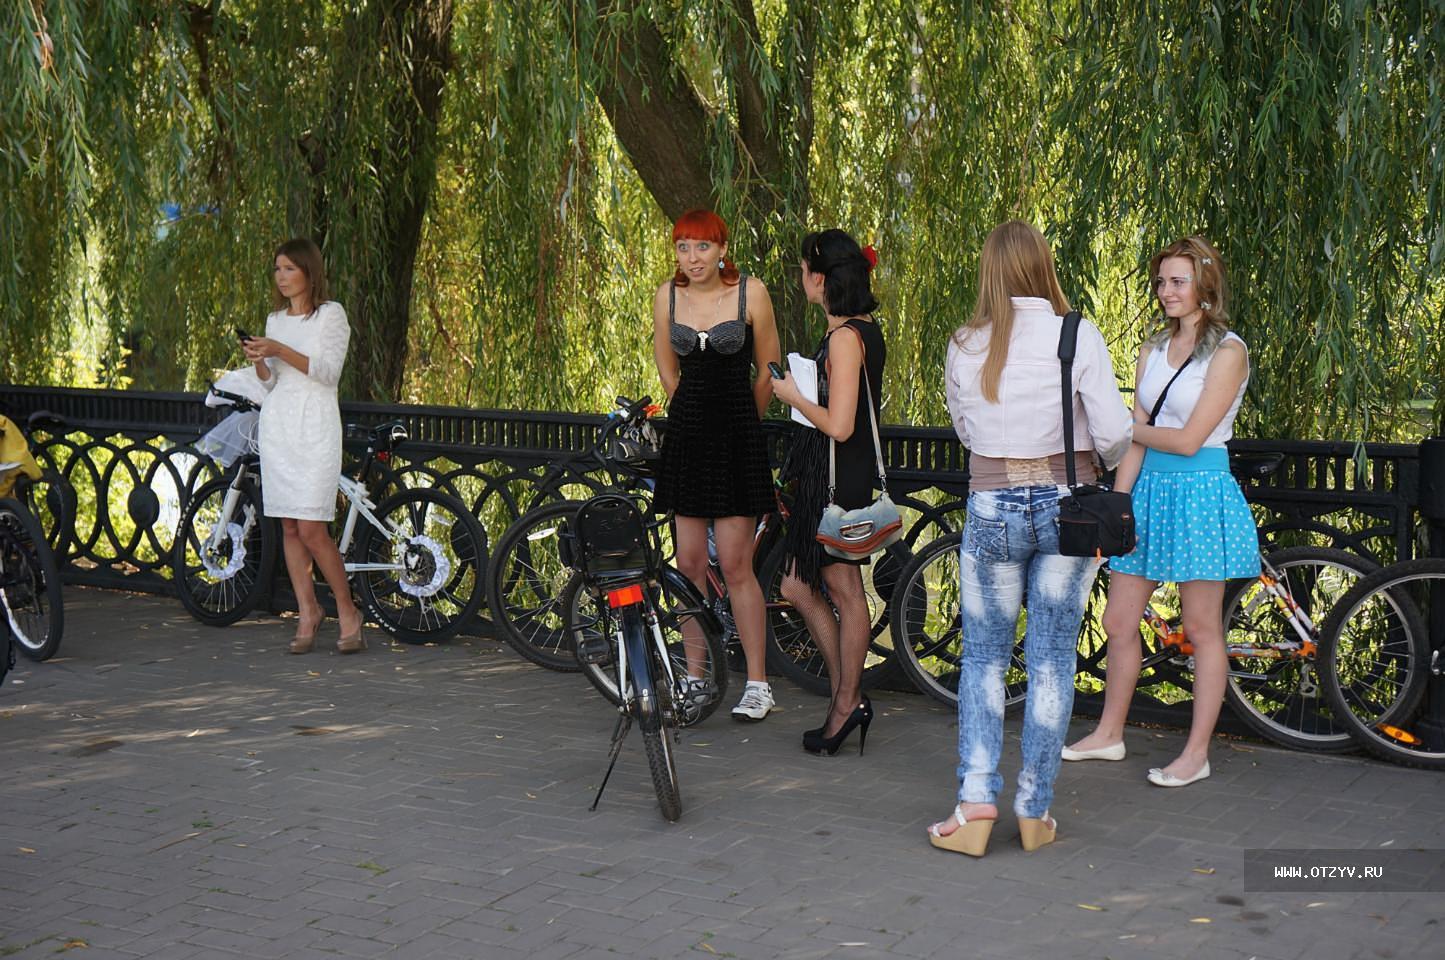 Фото молоденьких девочек 18 1 фотография